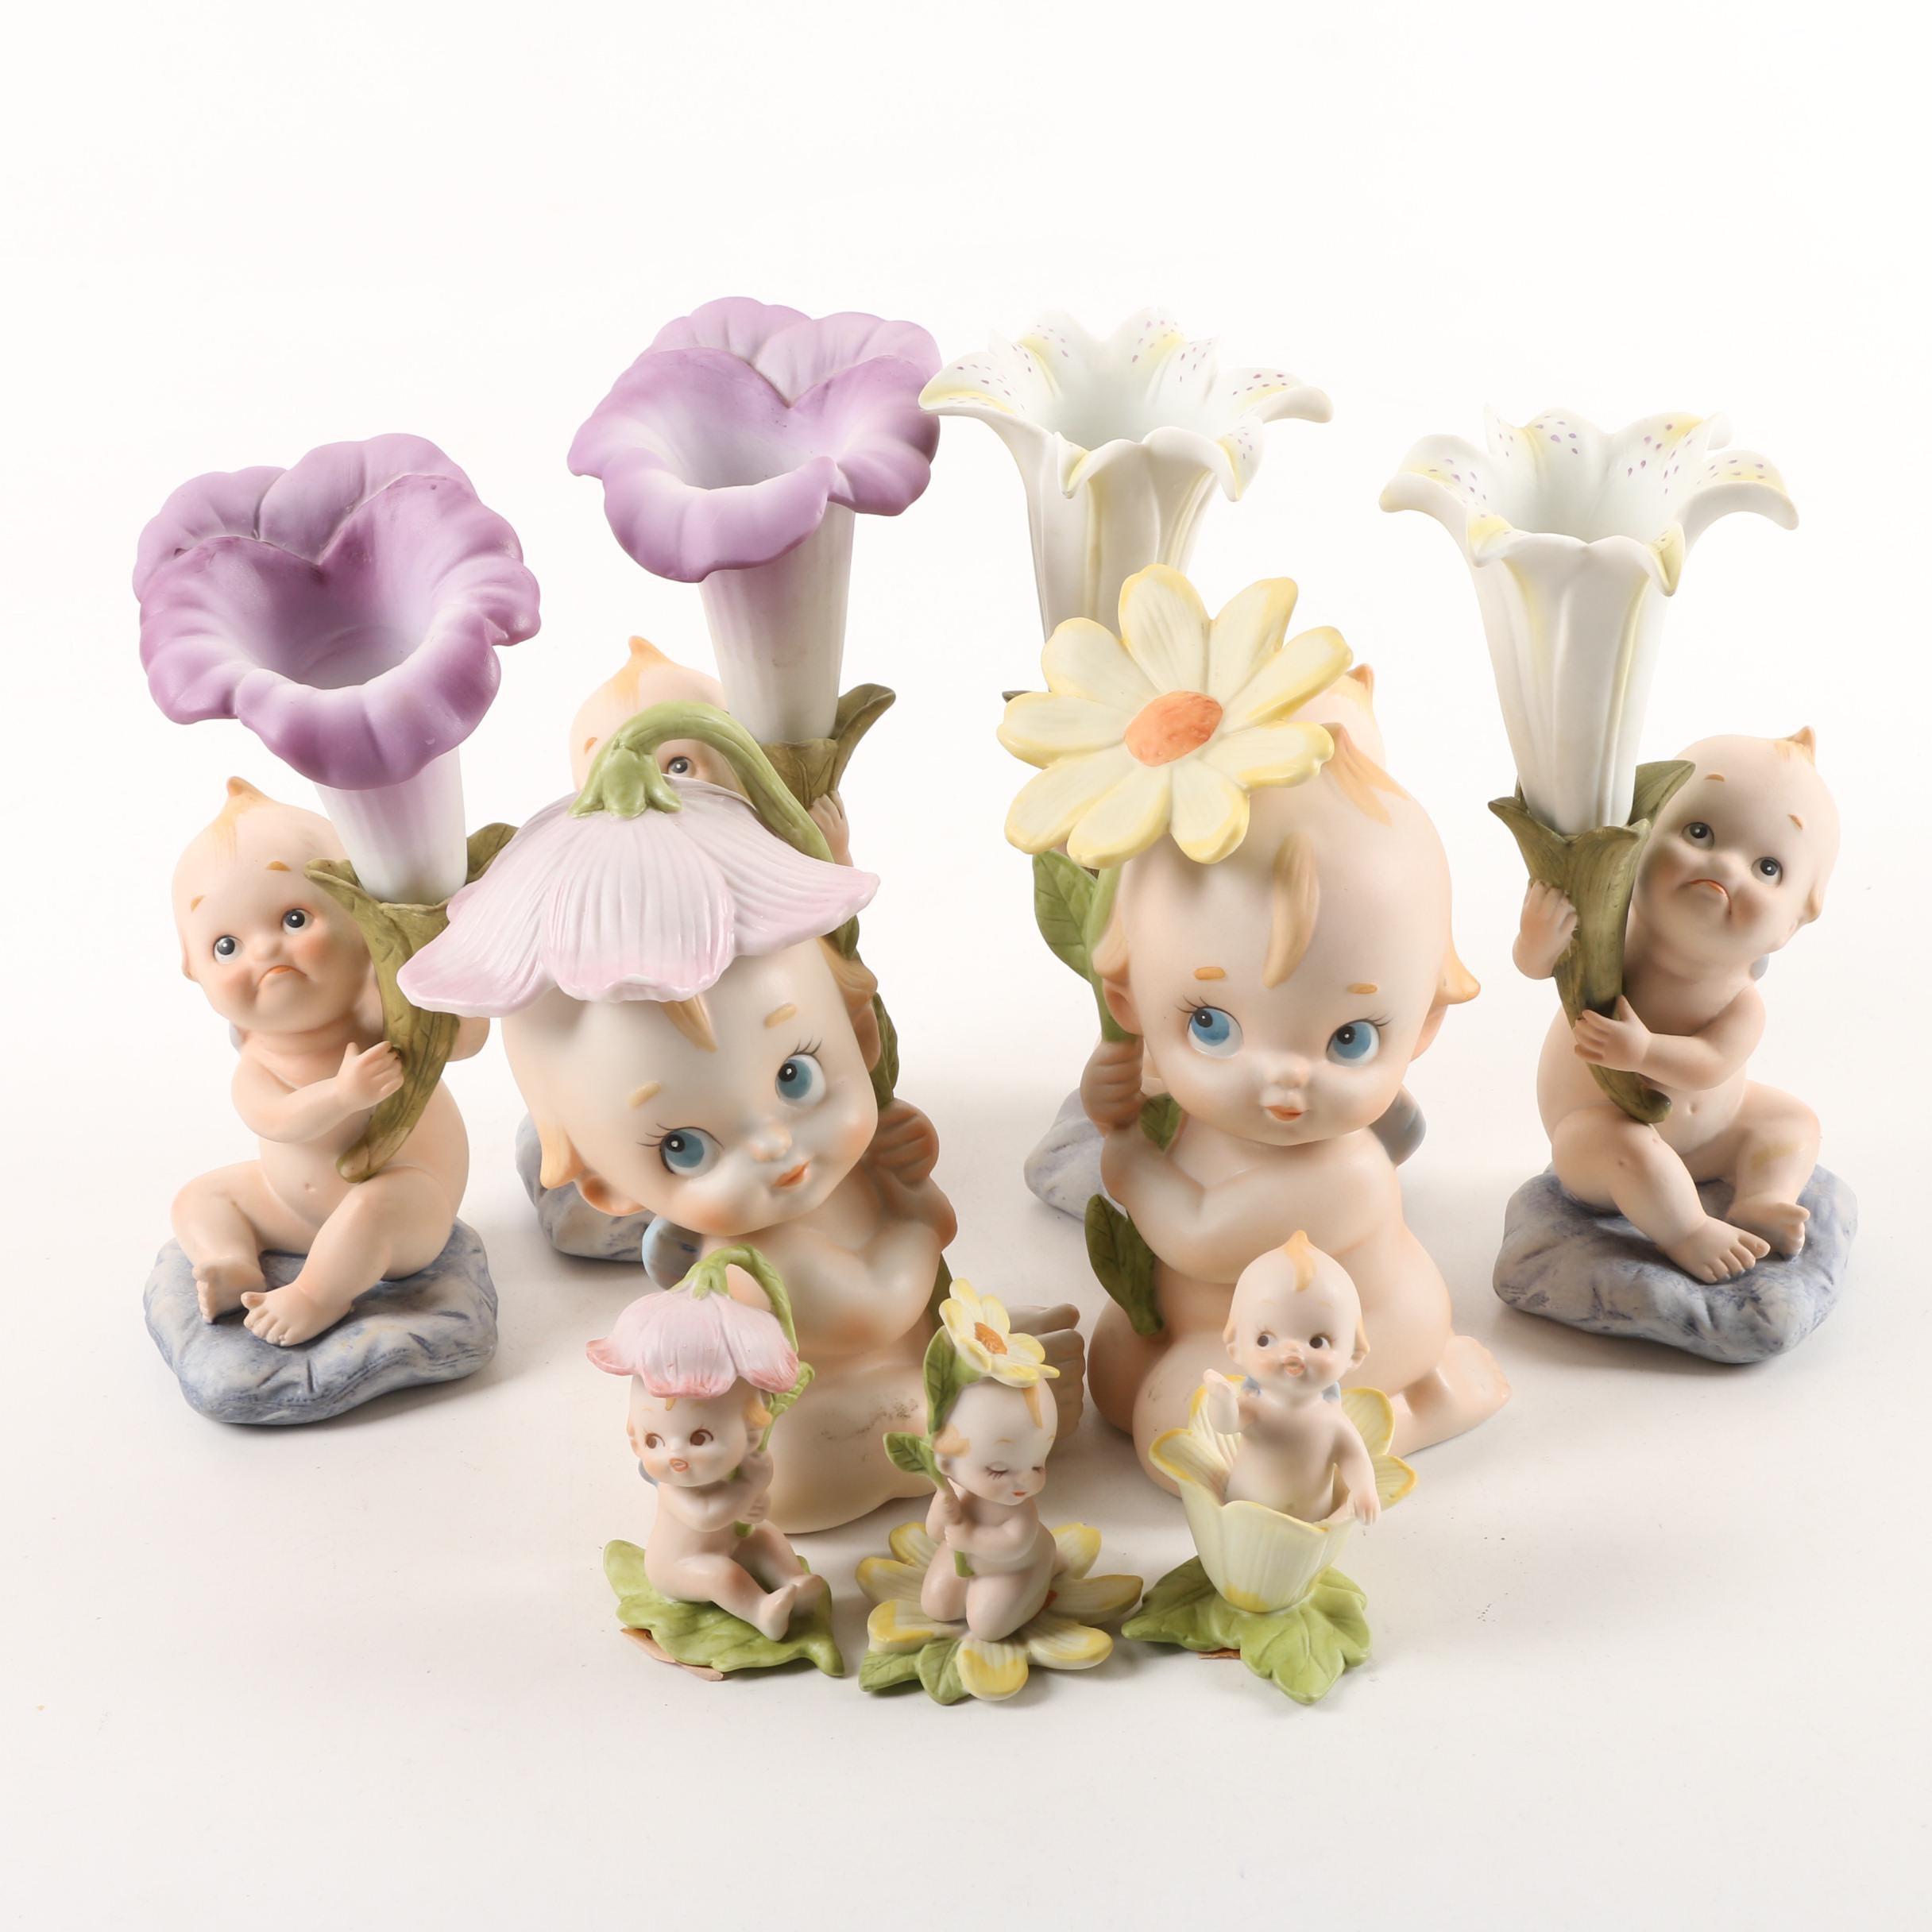 Vintage Lefton China Kewpie Bud Vases and Figurines